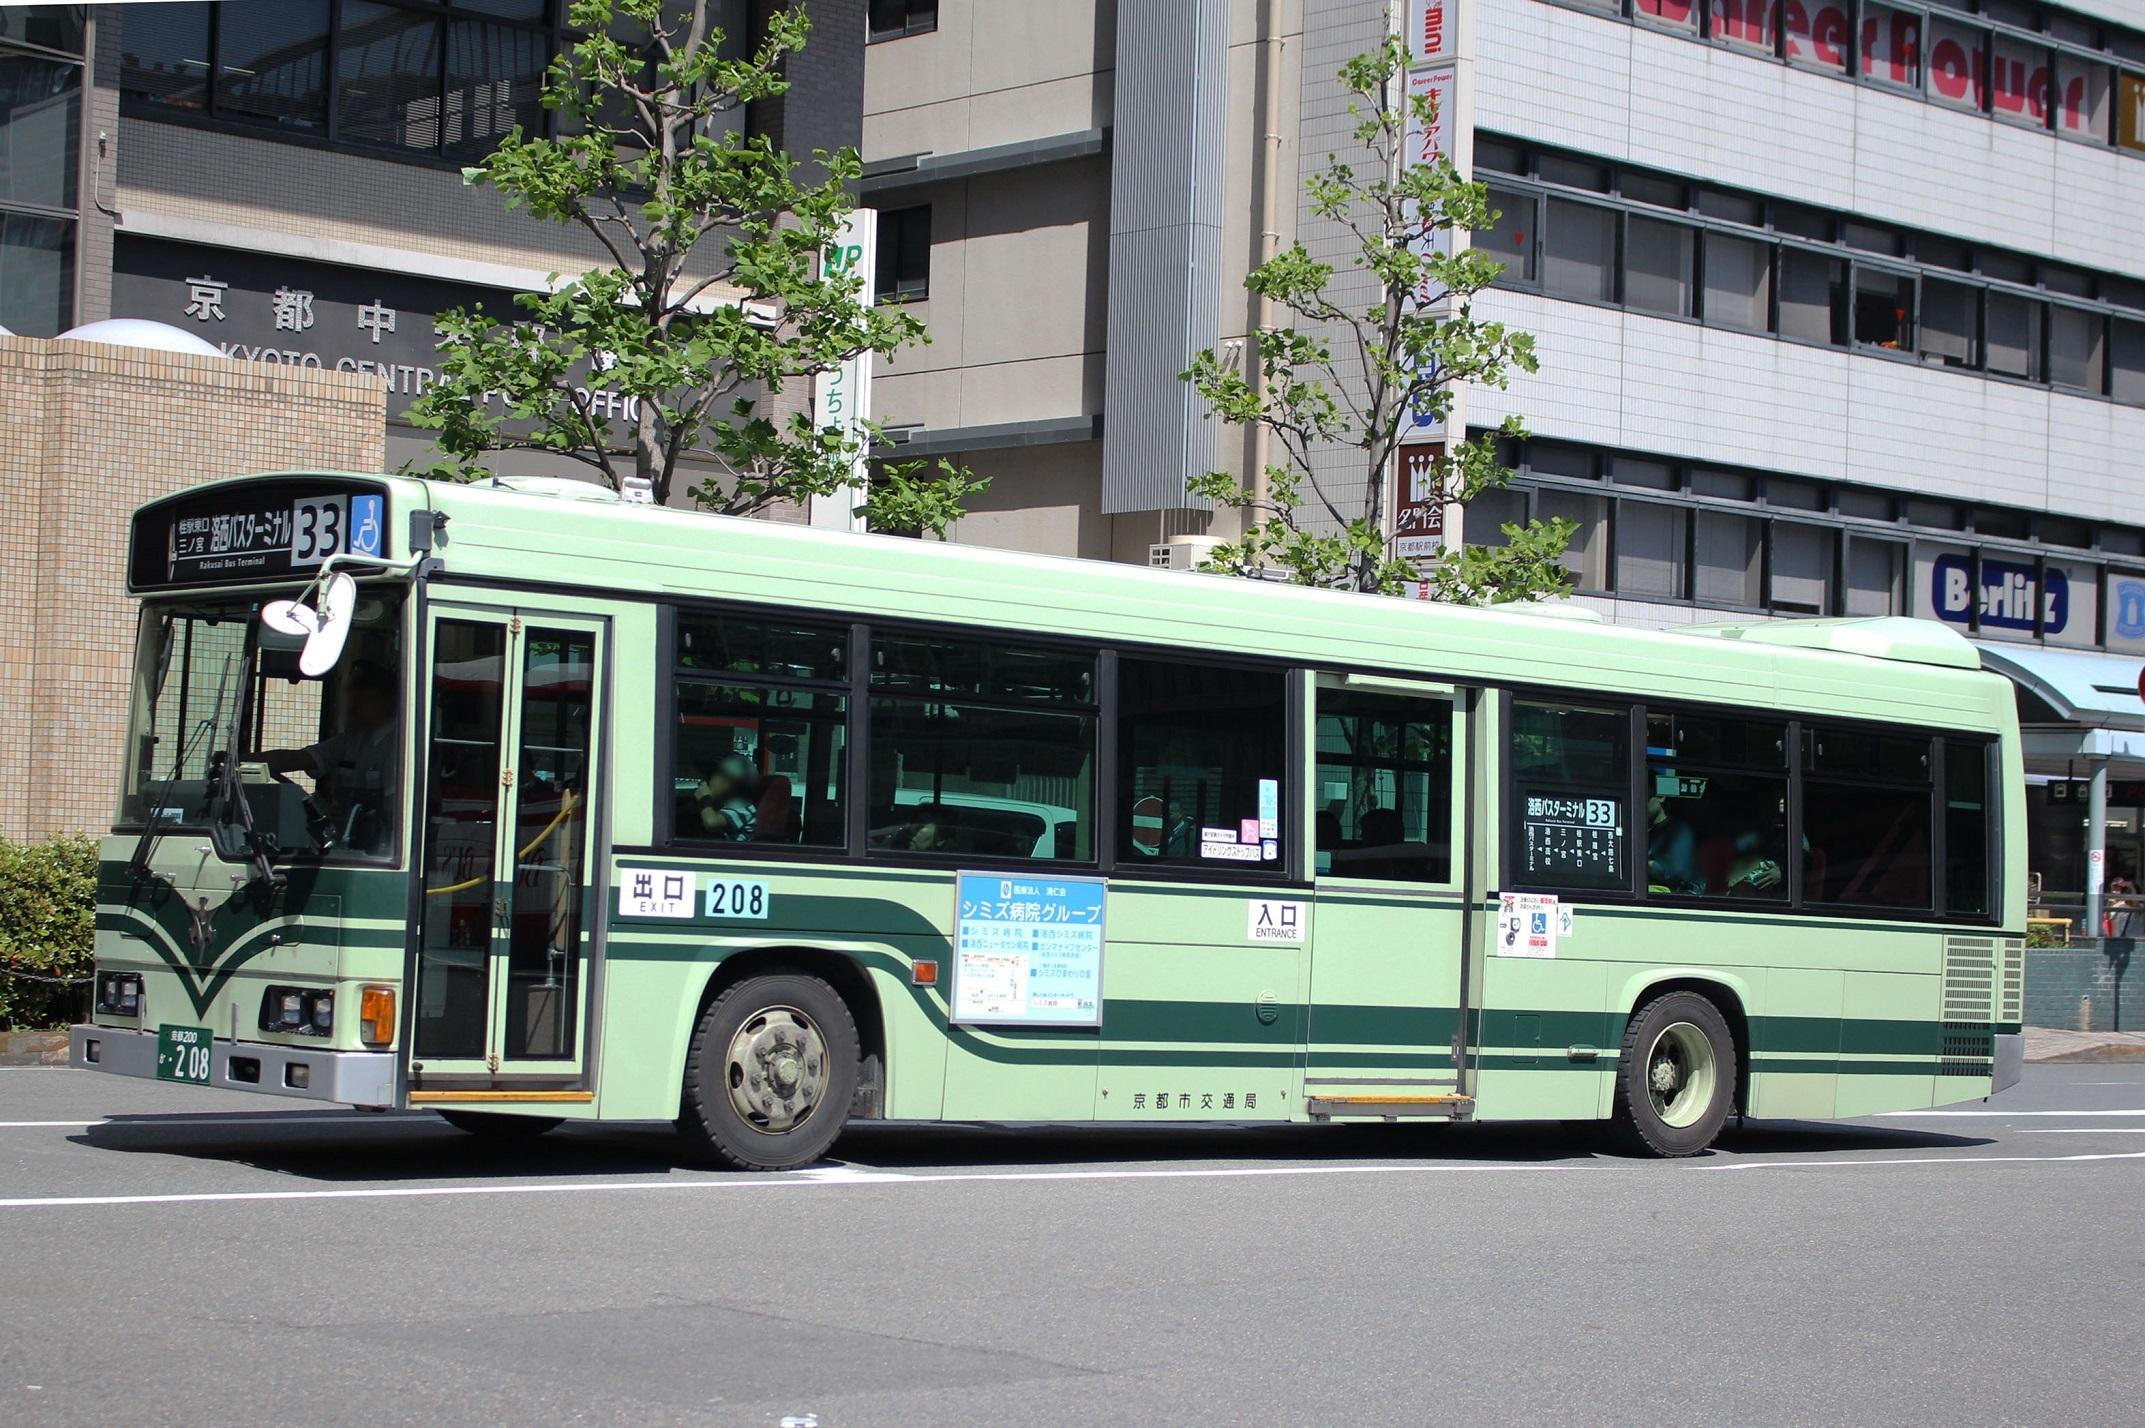 京都市交通局 か208